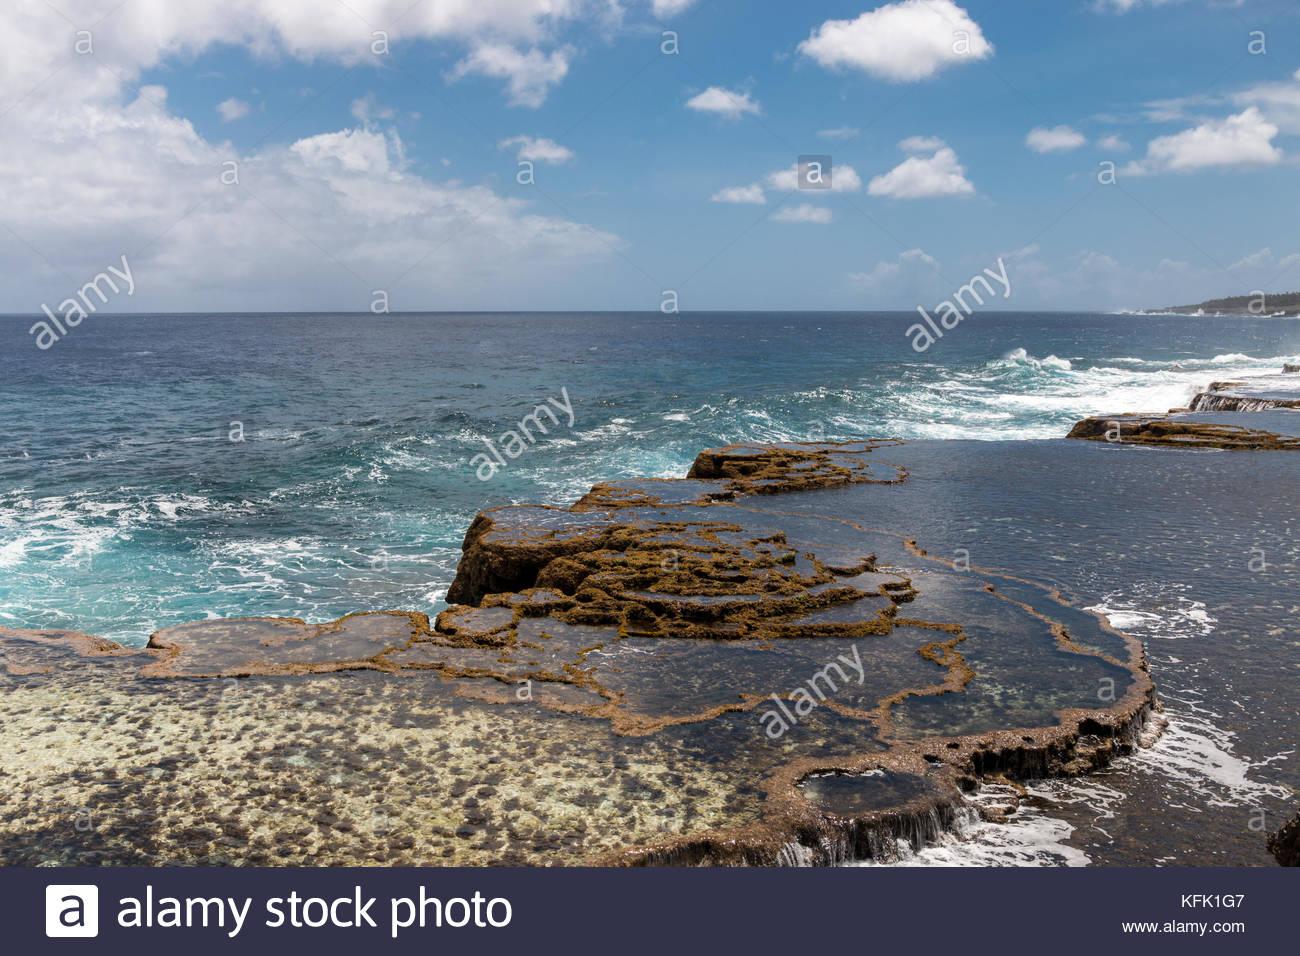 Coastline at Mapu'a 'a Vaea Blowholes in Tonga - Stock Image